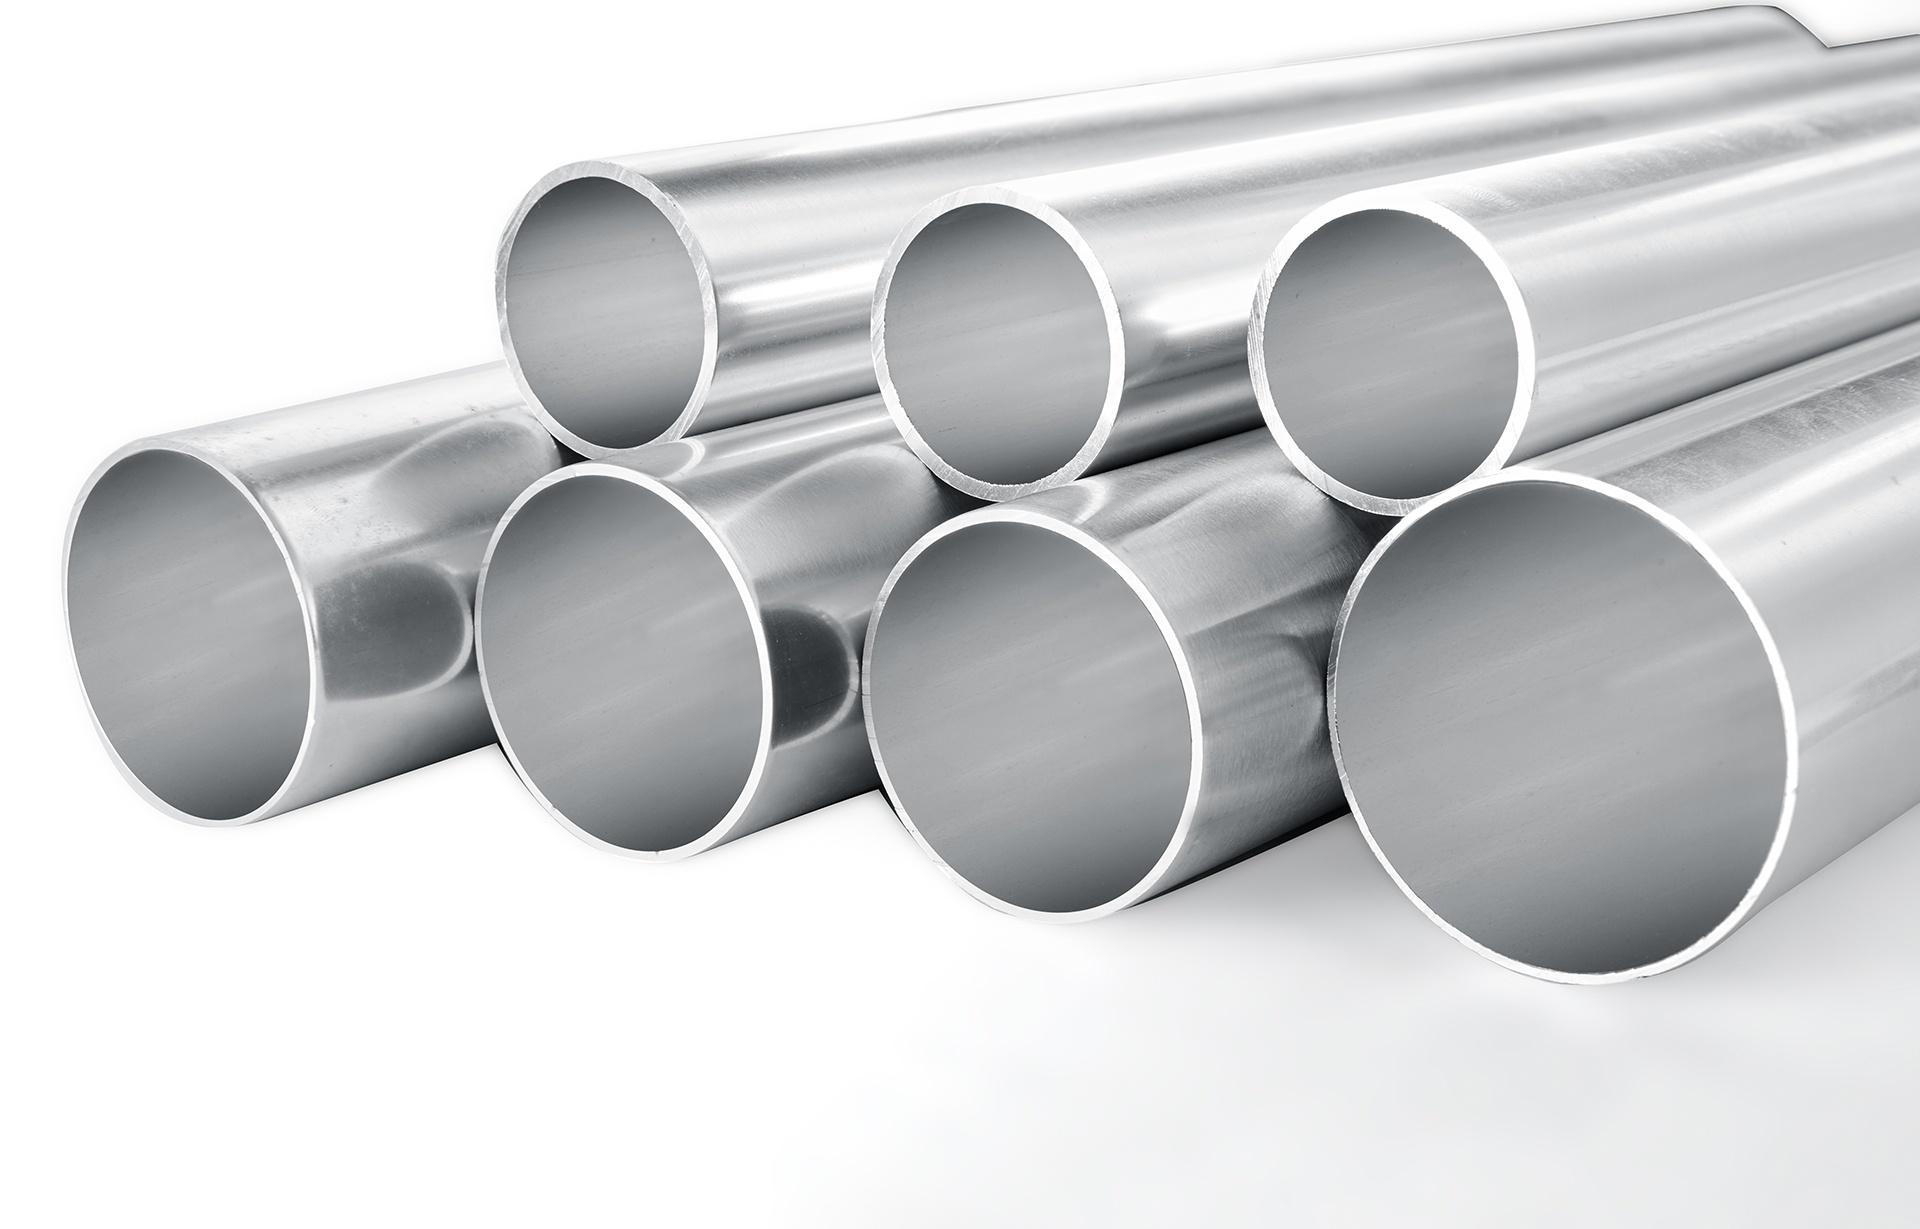 Aluminum Extrusion & Cold drawn-Ye Fong aluminium mill | Ye Fong Aluminium